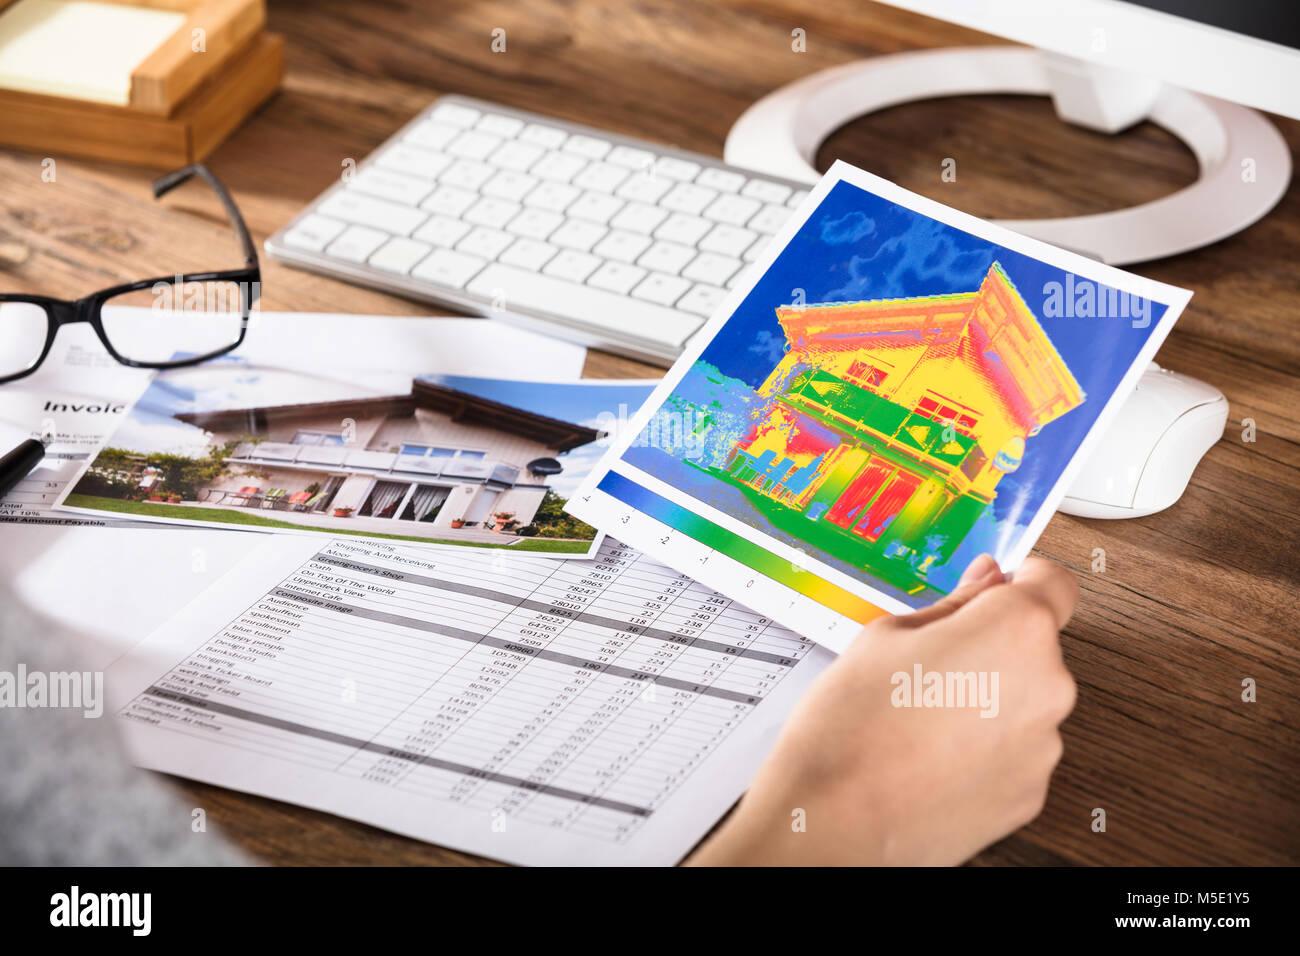 Close-up di una persona analizzando l'immagine termica di una casa sulla scrivania Immagini Stock